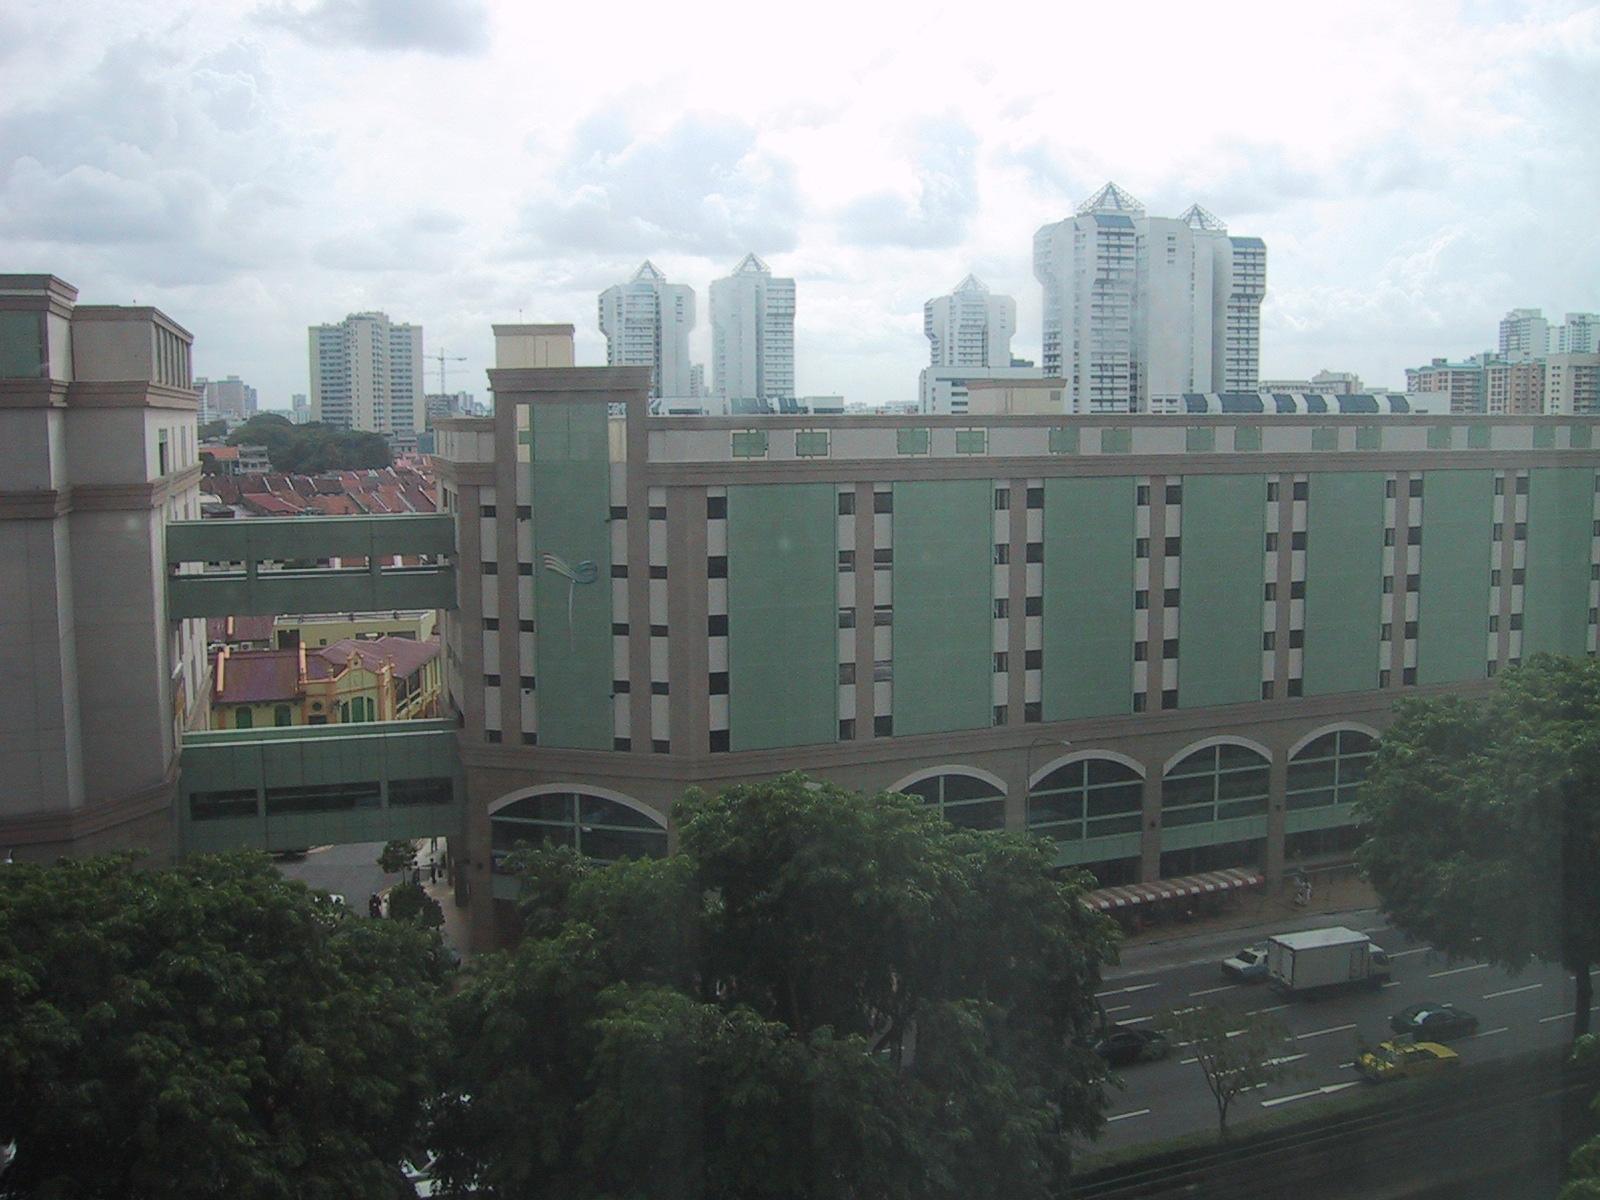 Kaupunkikuvaa Singaporessa